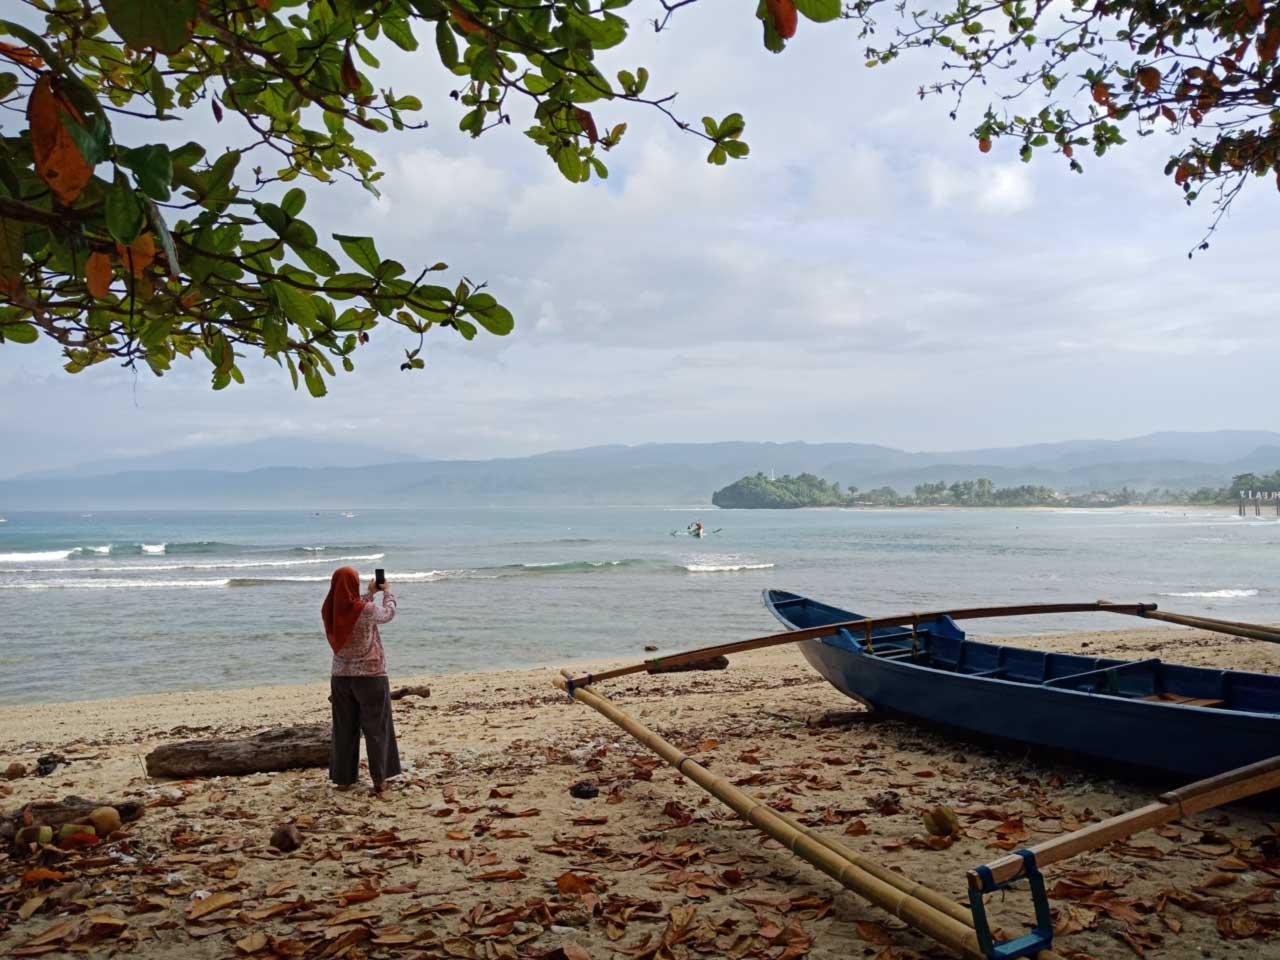 Pantai Labuhan Jukung Krui Pesisir Barat - kelilinglampung.net - Yopie Pangkey - 3